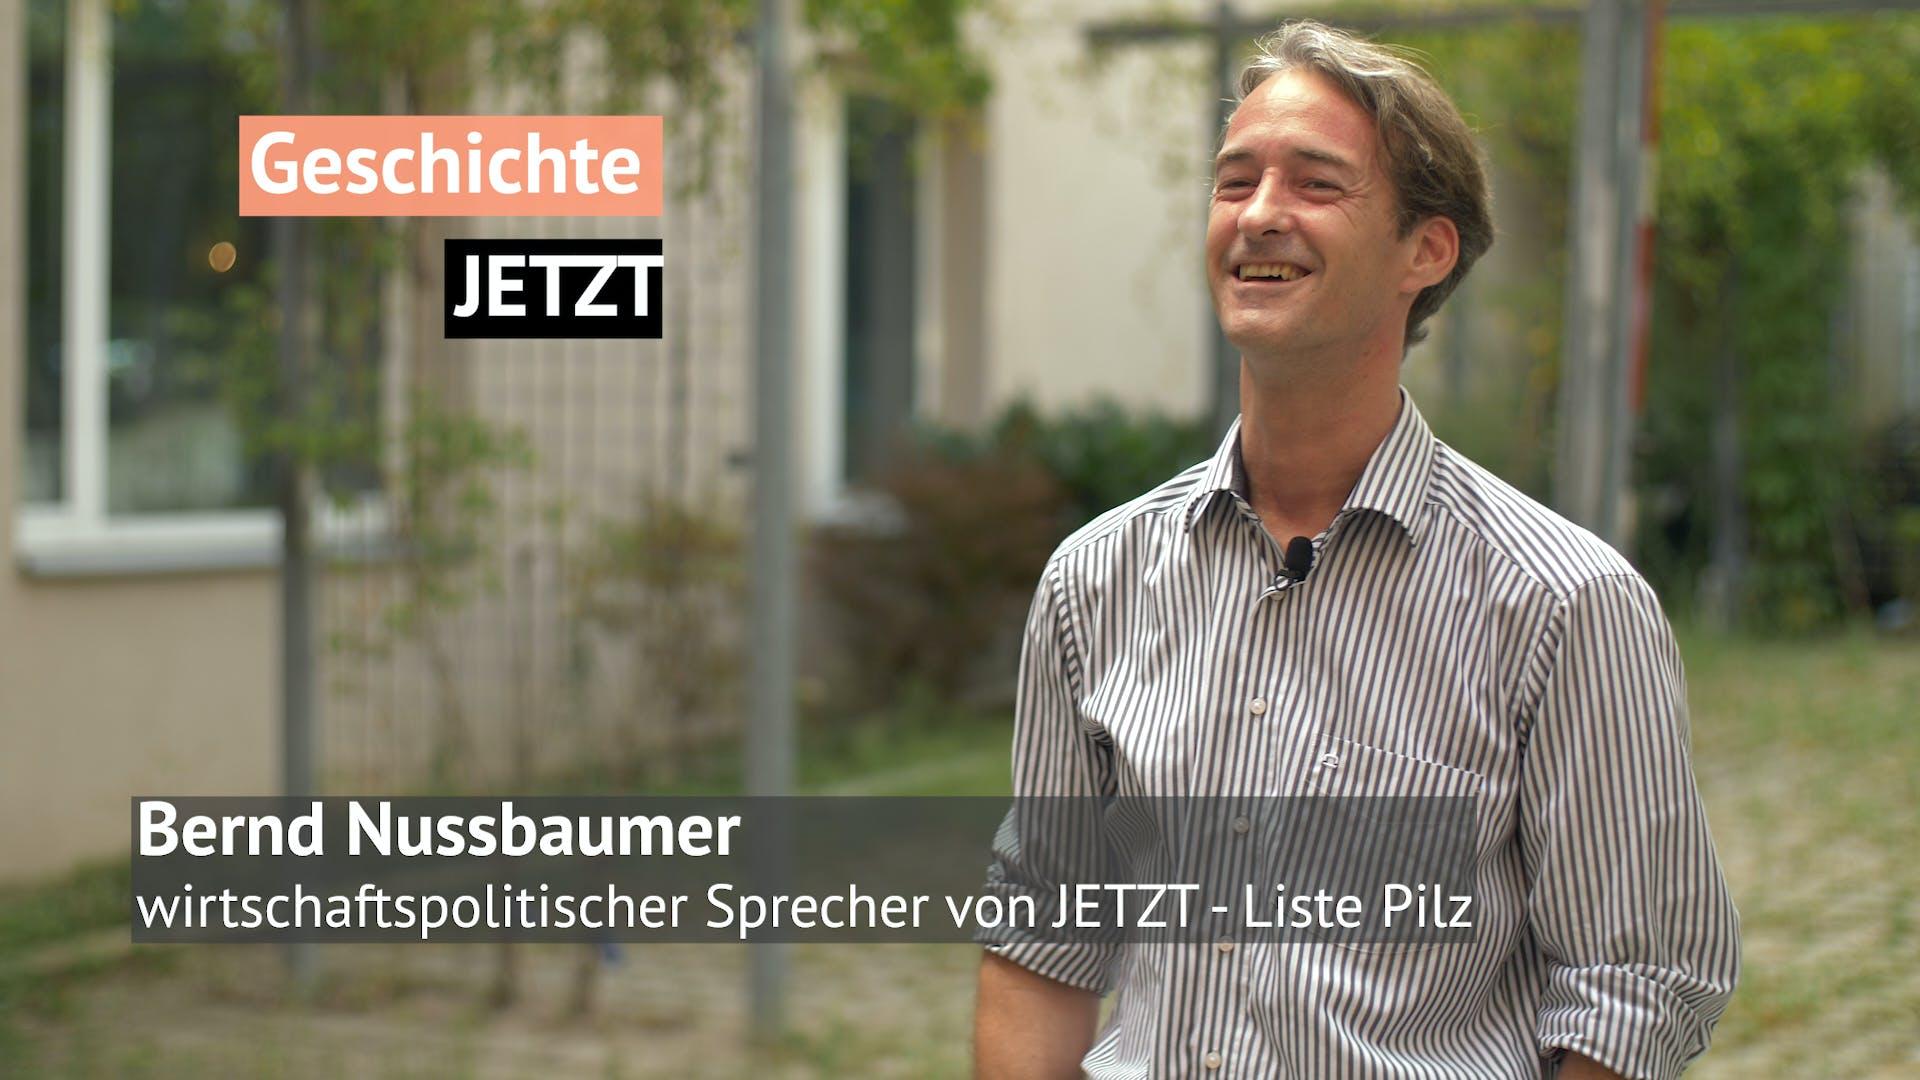 Geschichte JETZT Interview mit Bernd Nussbaumer